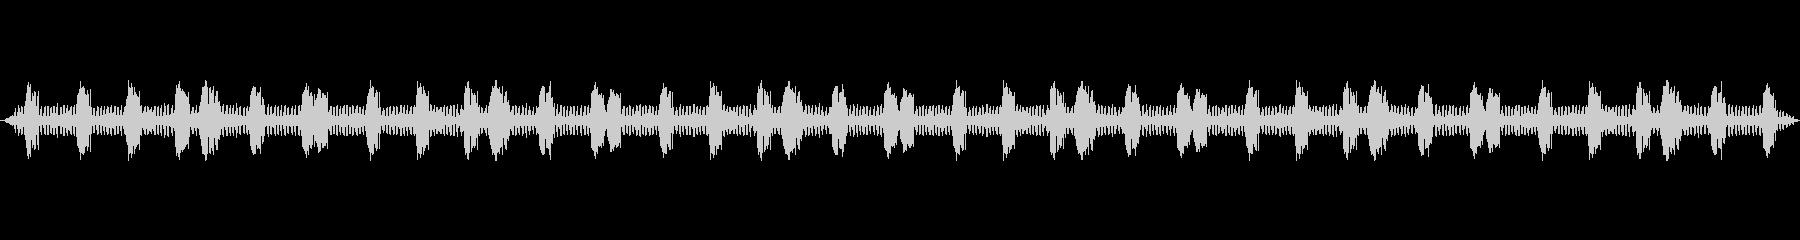 虫の声をバイノーラル録音方式で収音しま…の未再生の波形